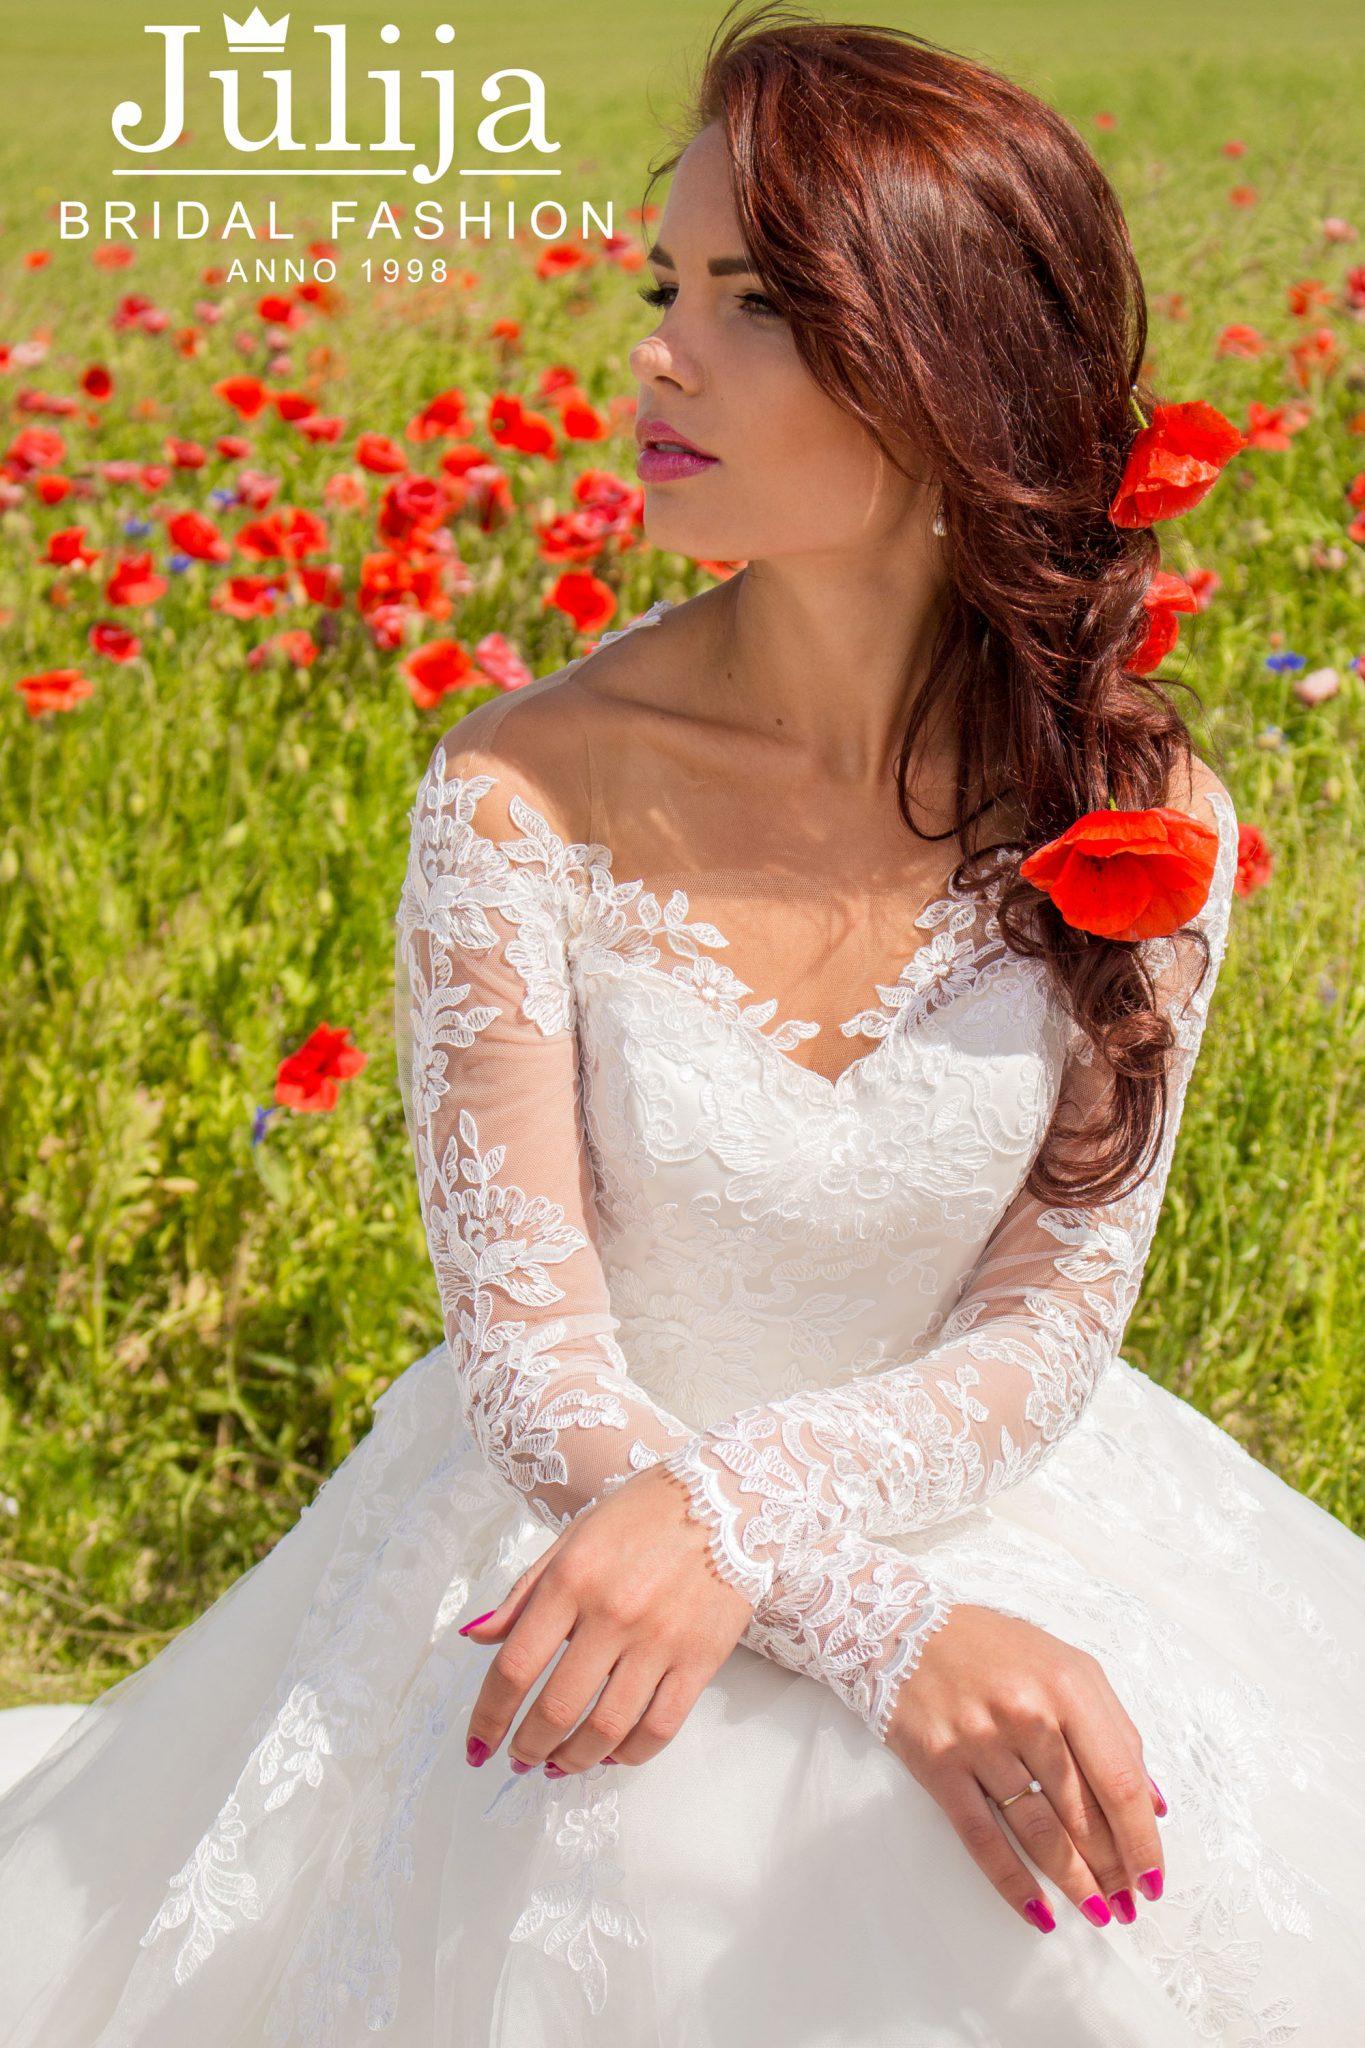 Wedding Fashion in California